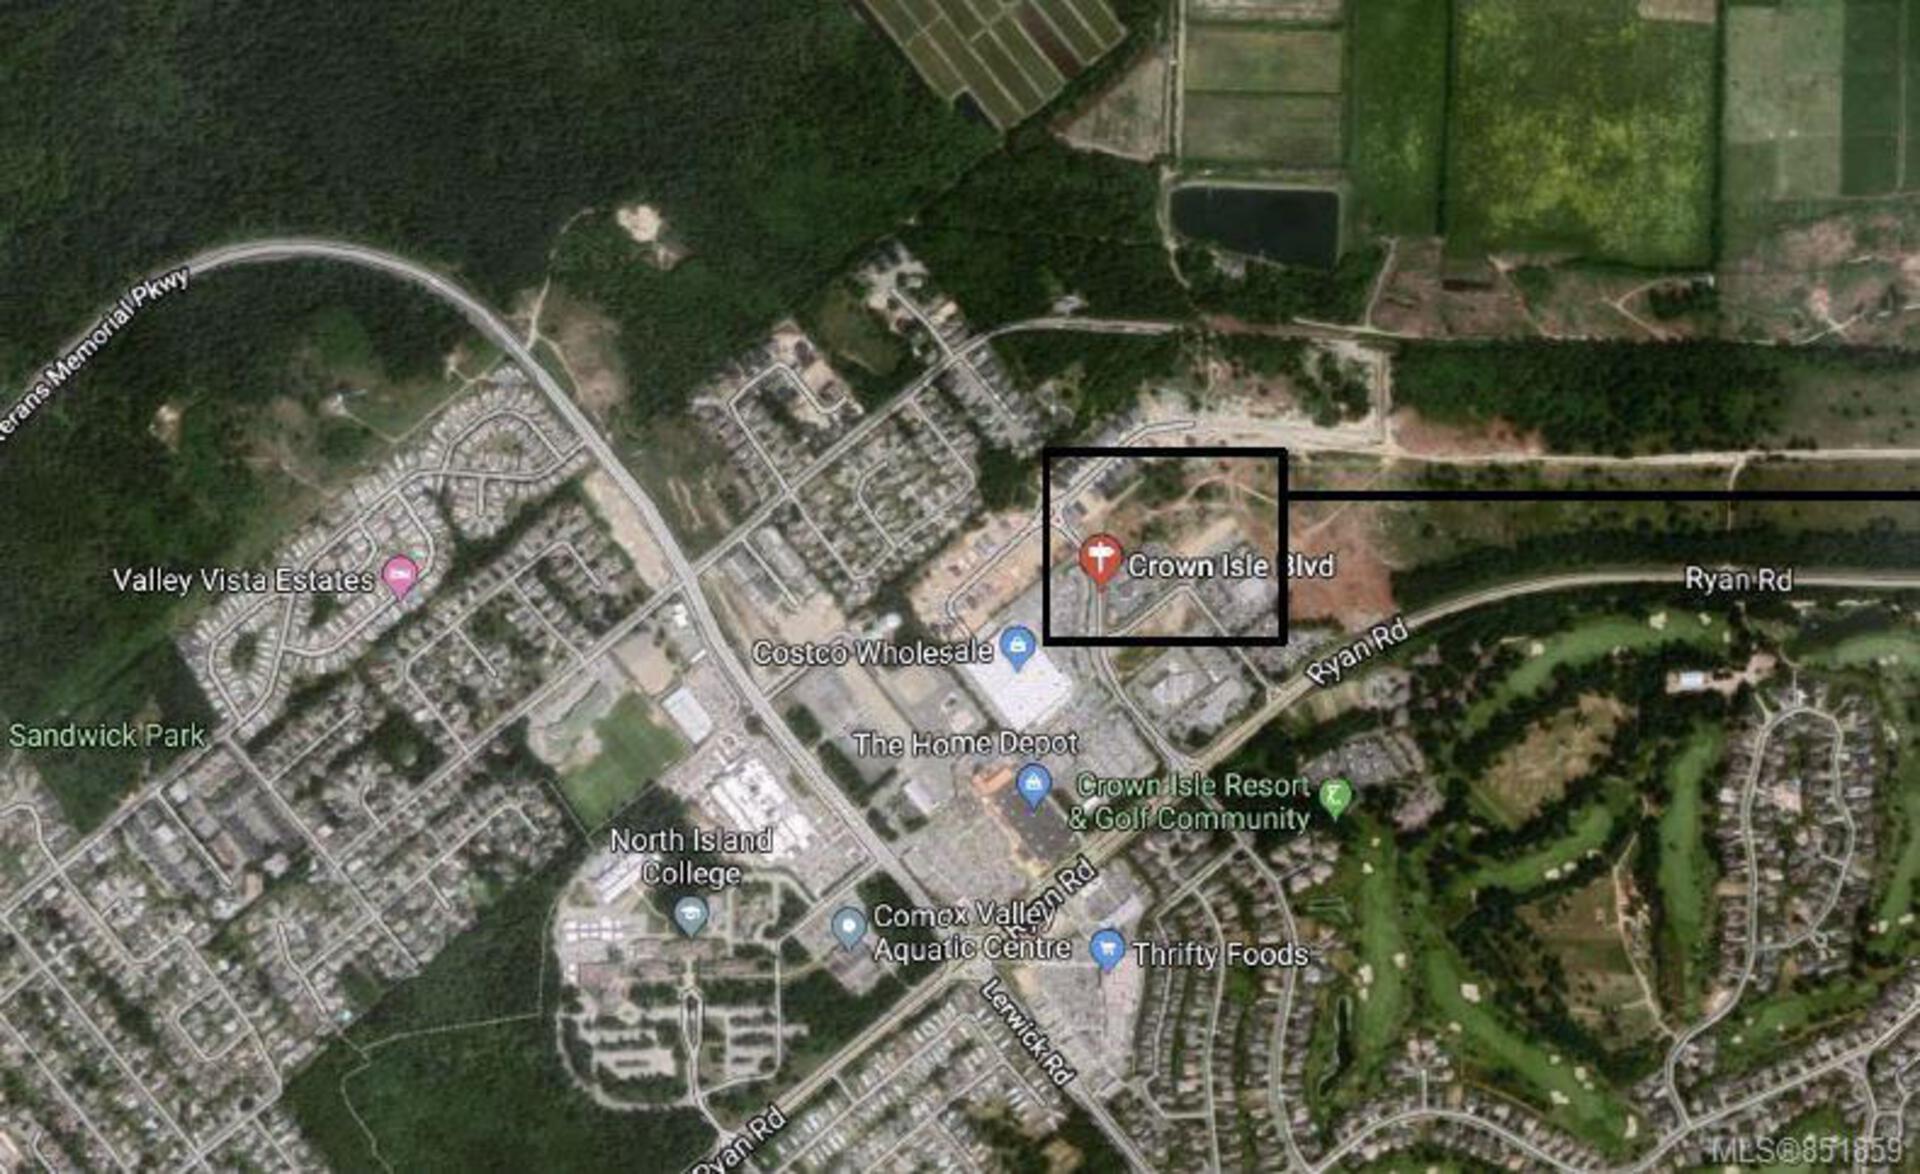 623-crown-isle-boulevard-crown-isle-comox-valley-03 at SL 3 - 623 Crown Isle Boulevard, Crown Isle, Comox Valley